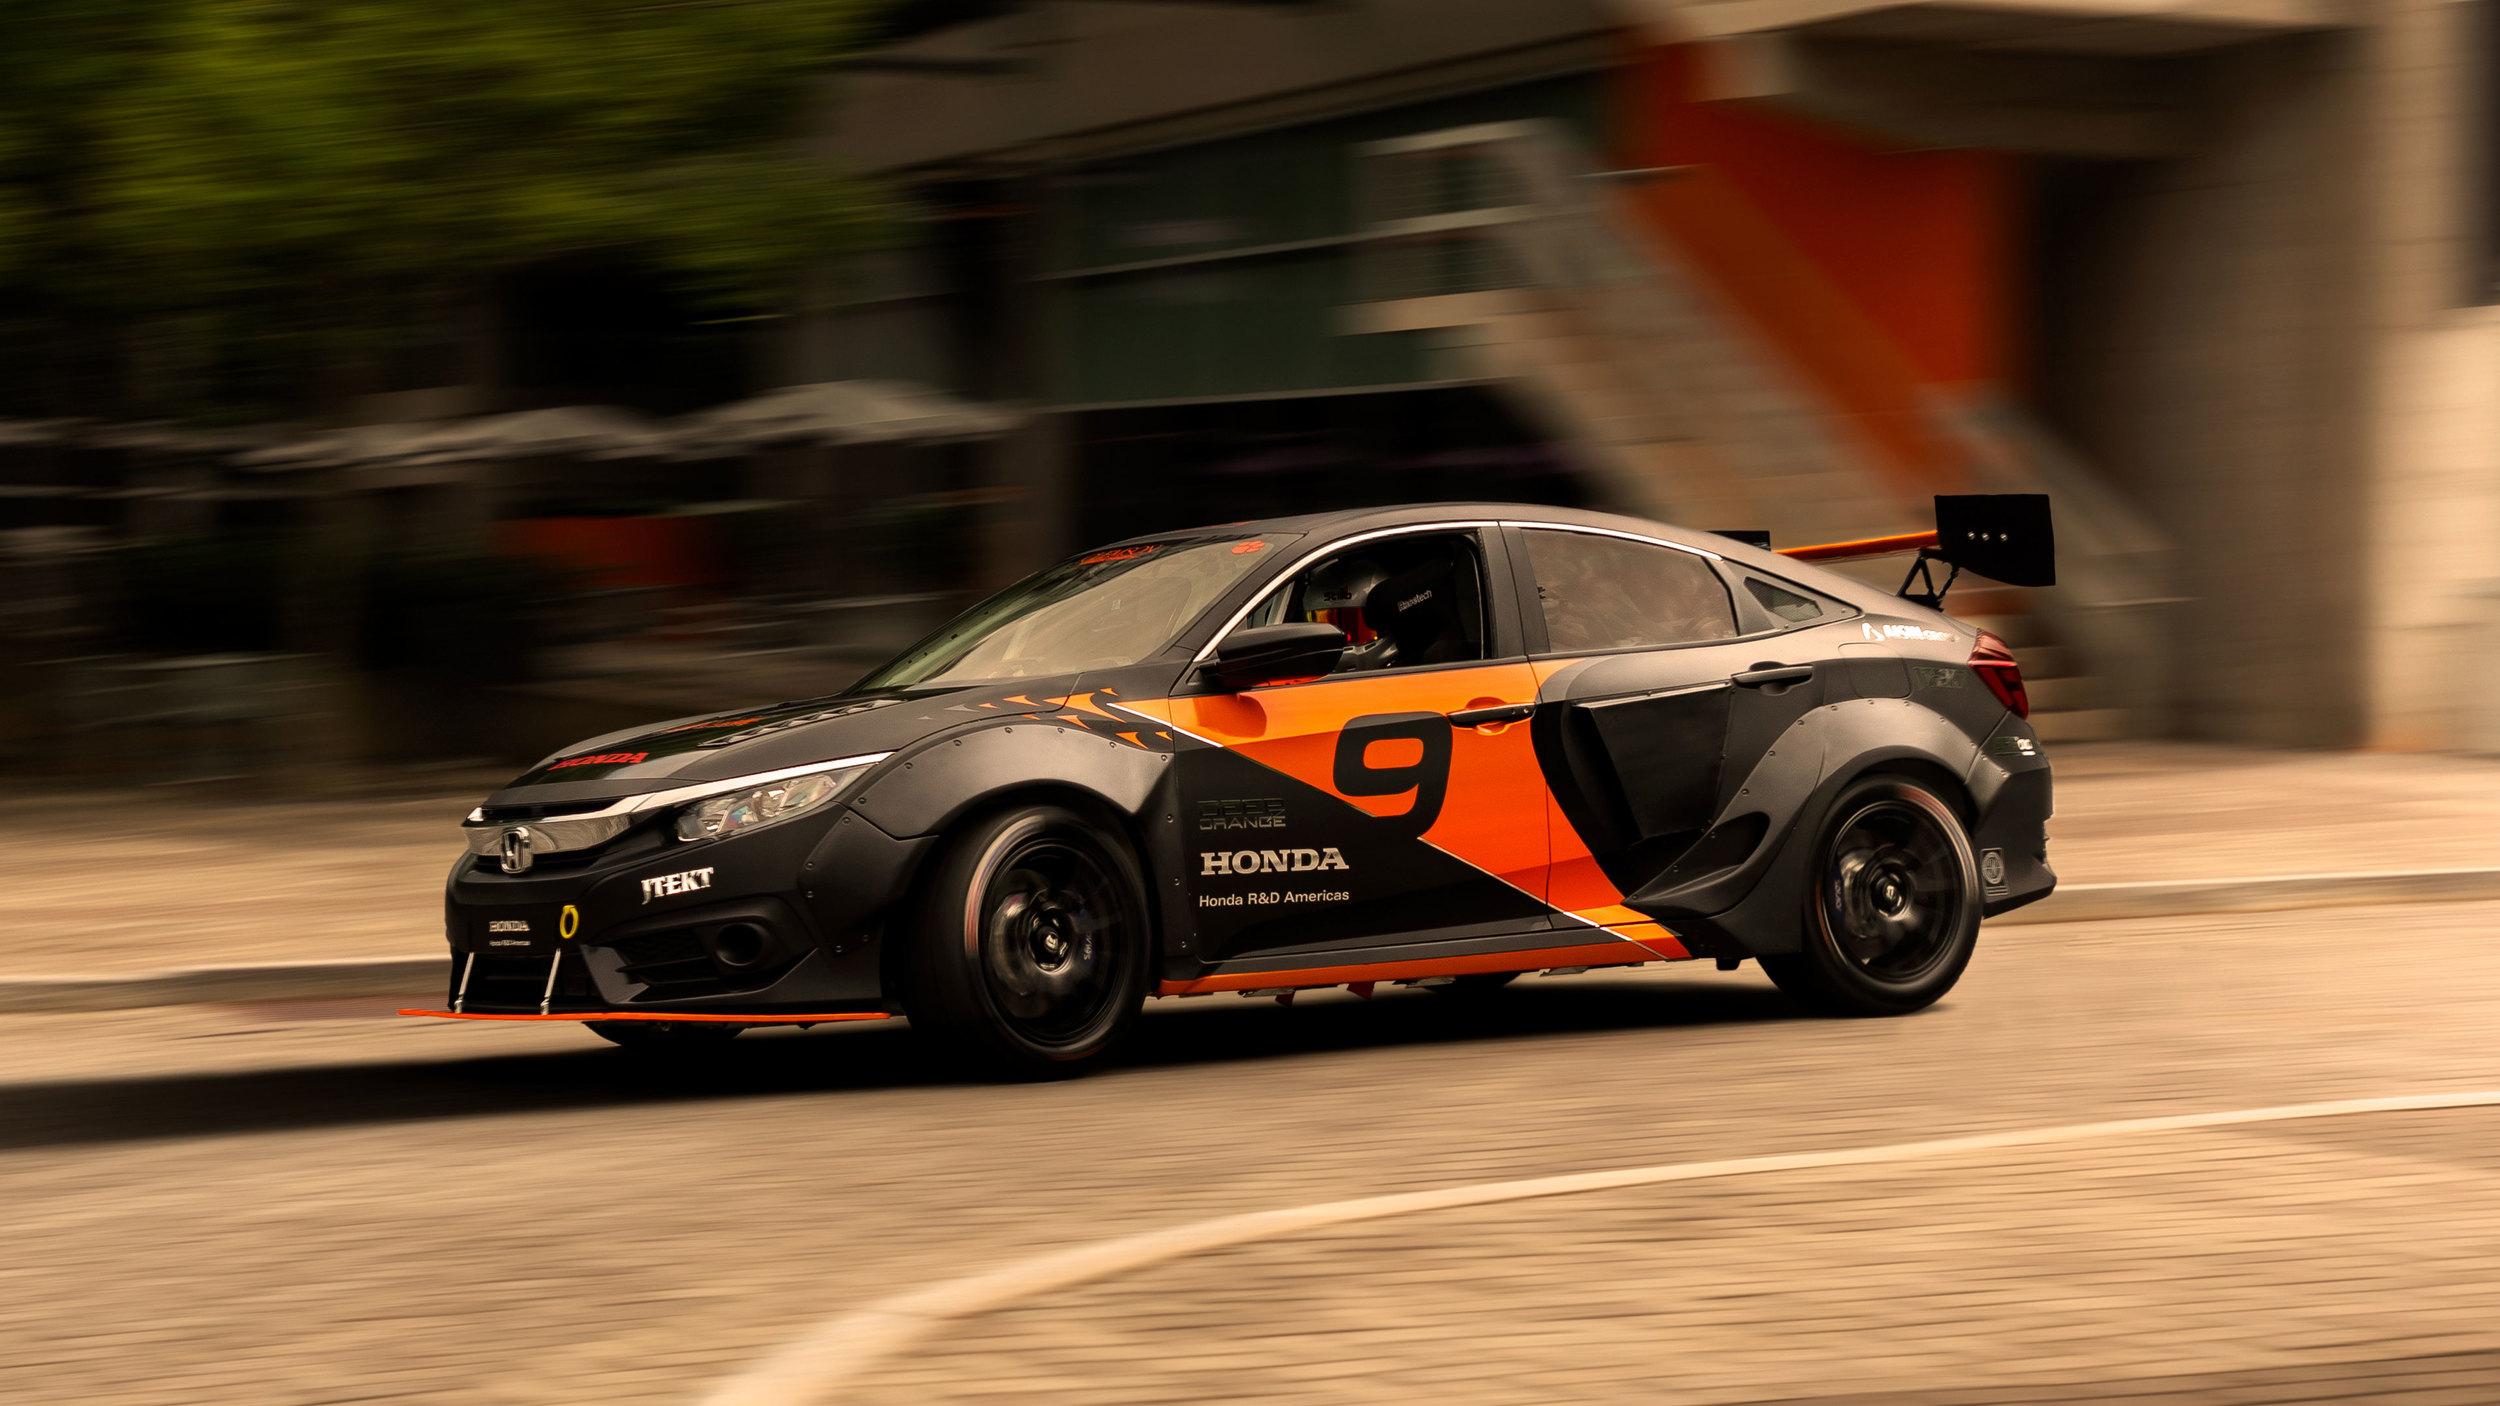 8 Photos Honda Civic Hybrid Racing Car